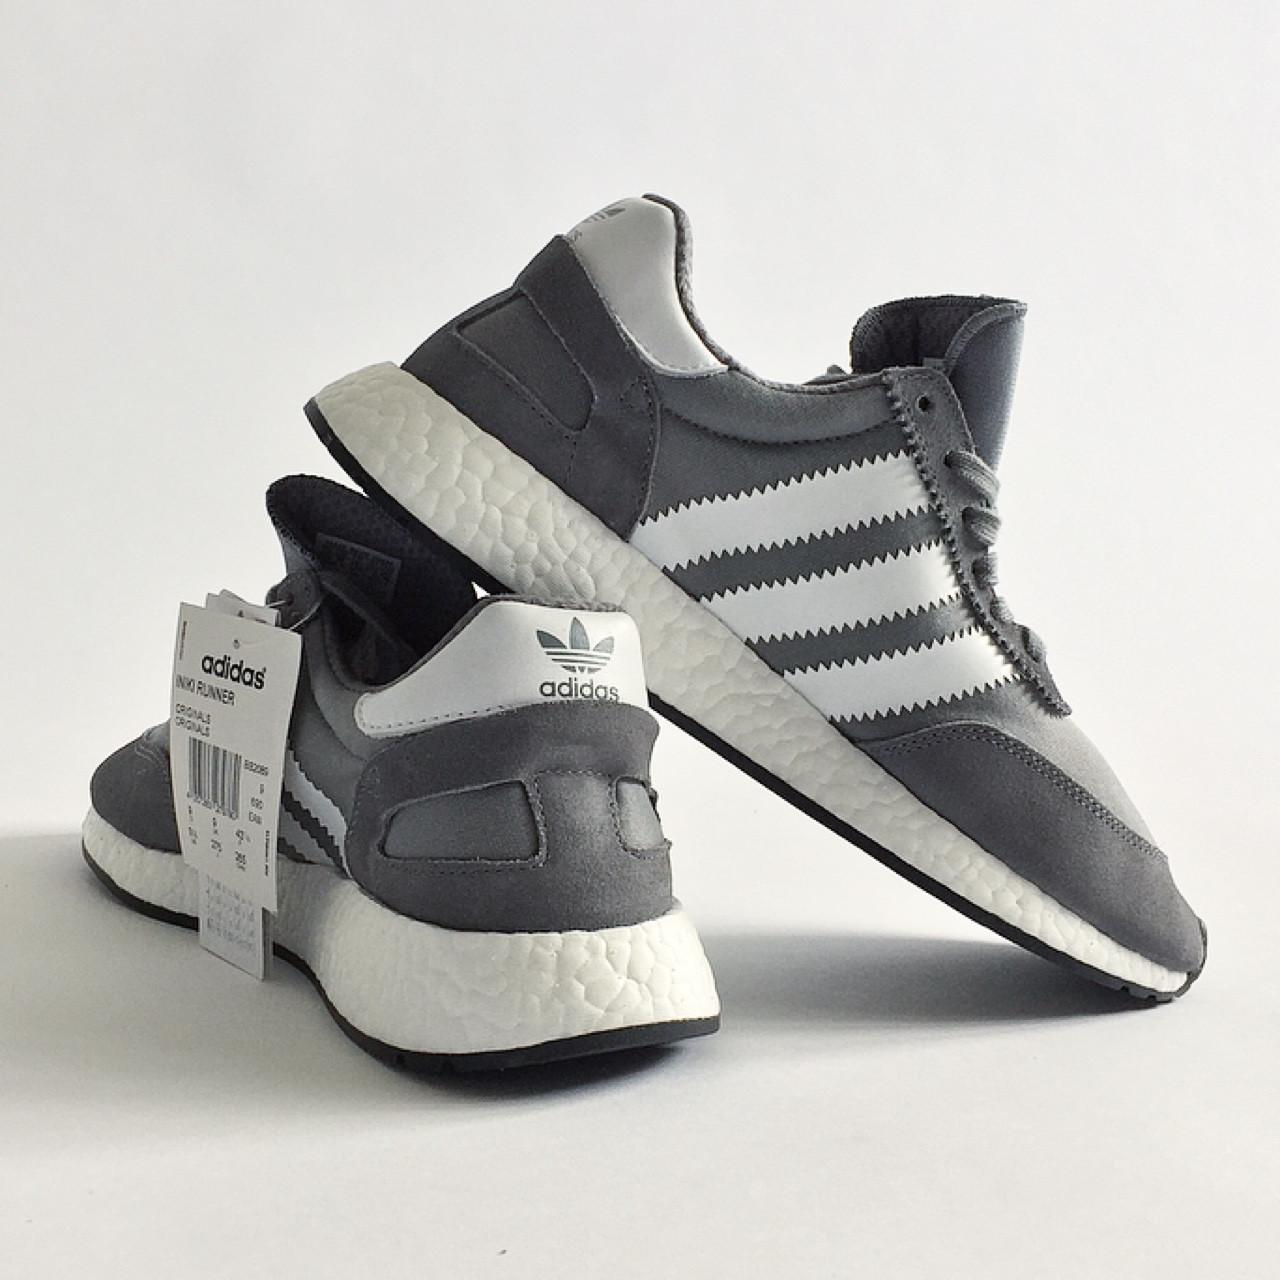 Кроссовки Adidas Iniki Runner серые (Мужские Адидас Иники Раннер весна/лето 41-44)